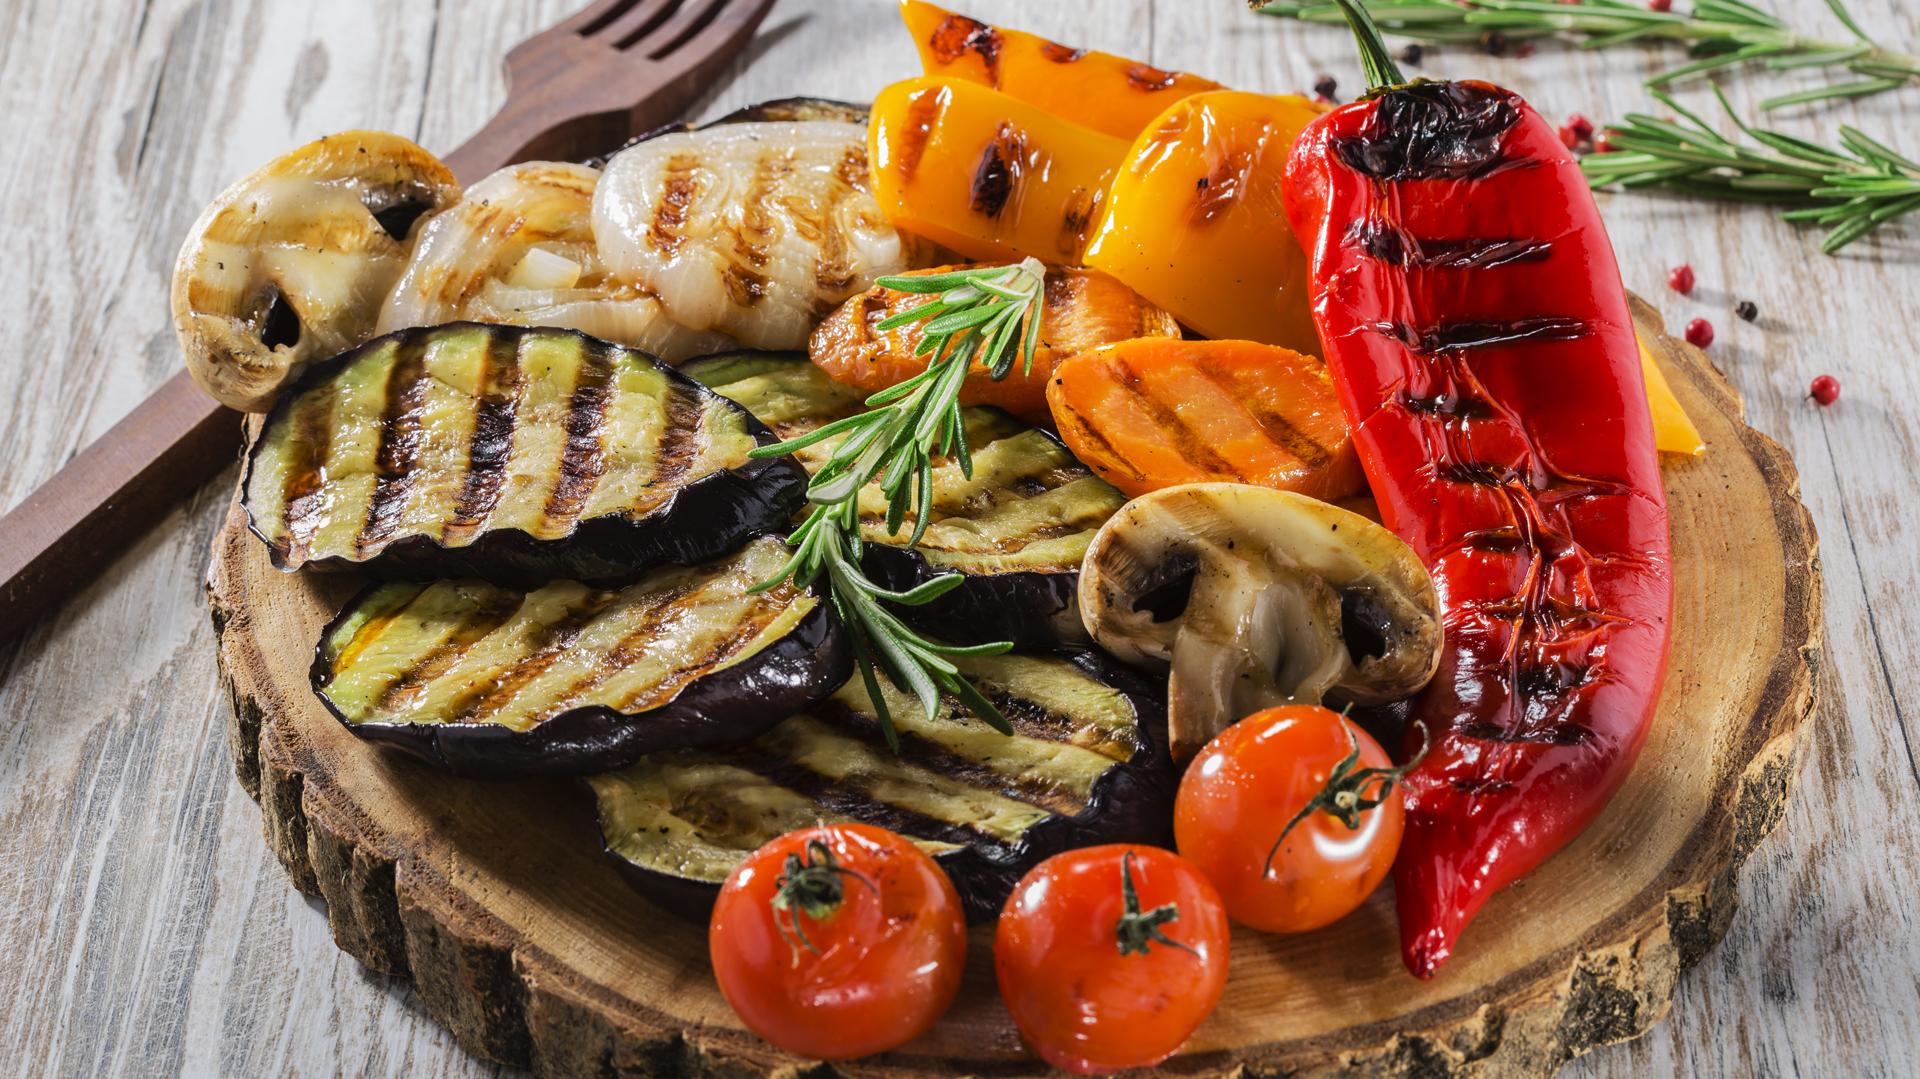 Una dieta equilibrada y rica en vegetales constituye uno de los pilares de una buena salud (Getty)